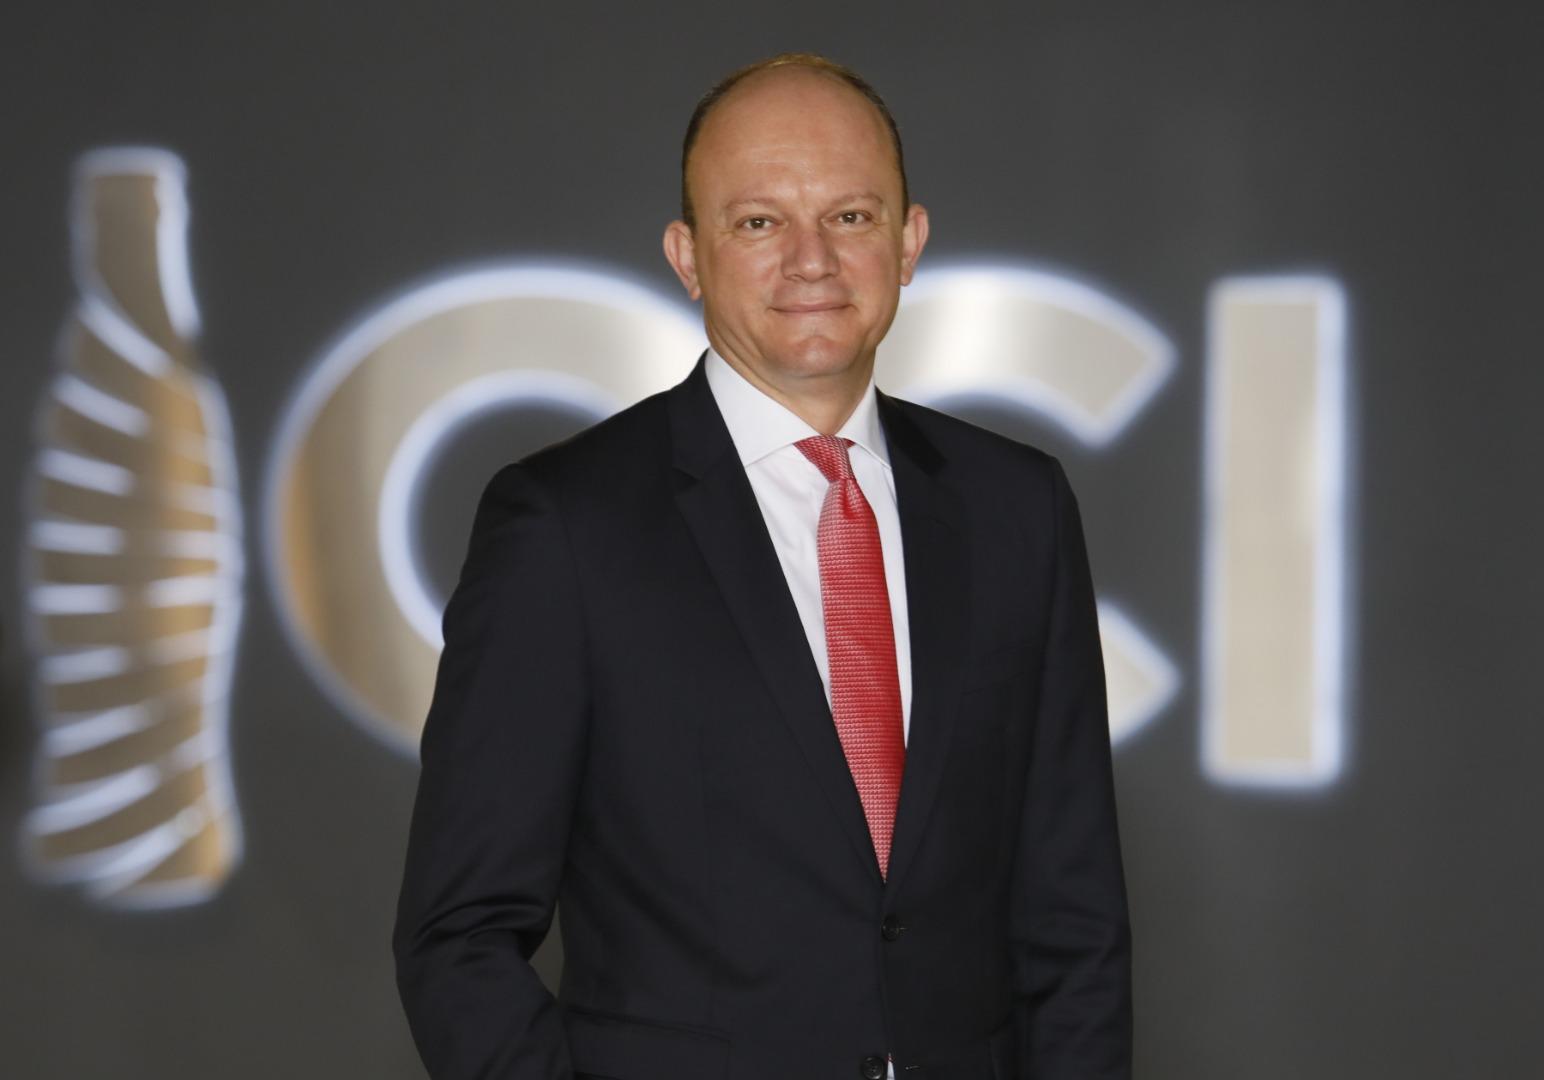 İçecek sektörünün en iyi CEO'su belli oldu!